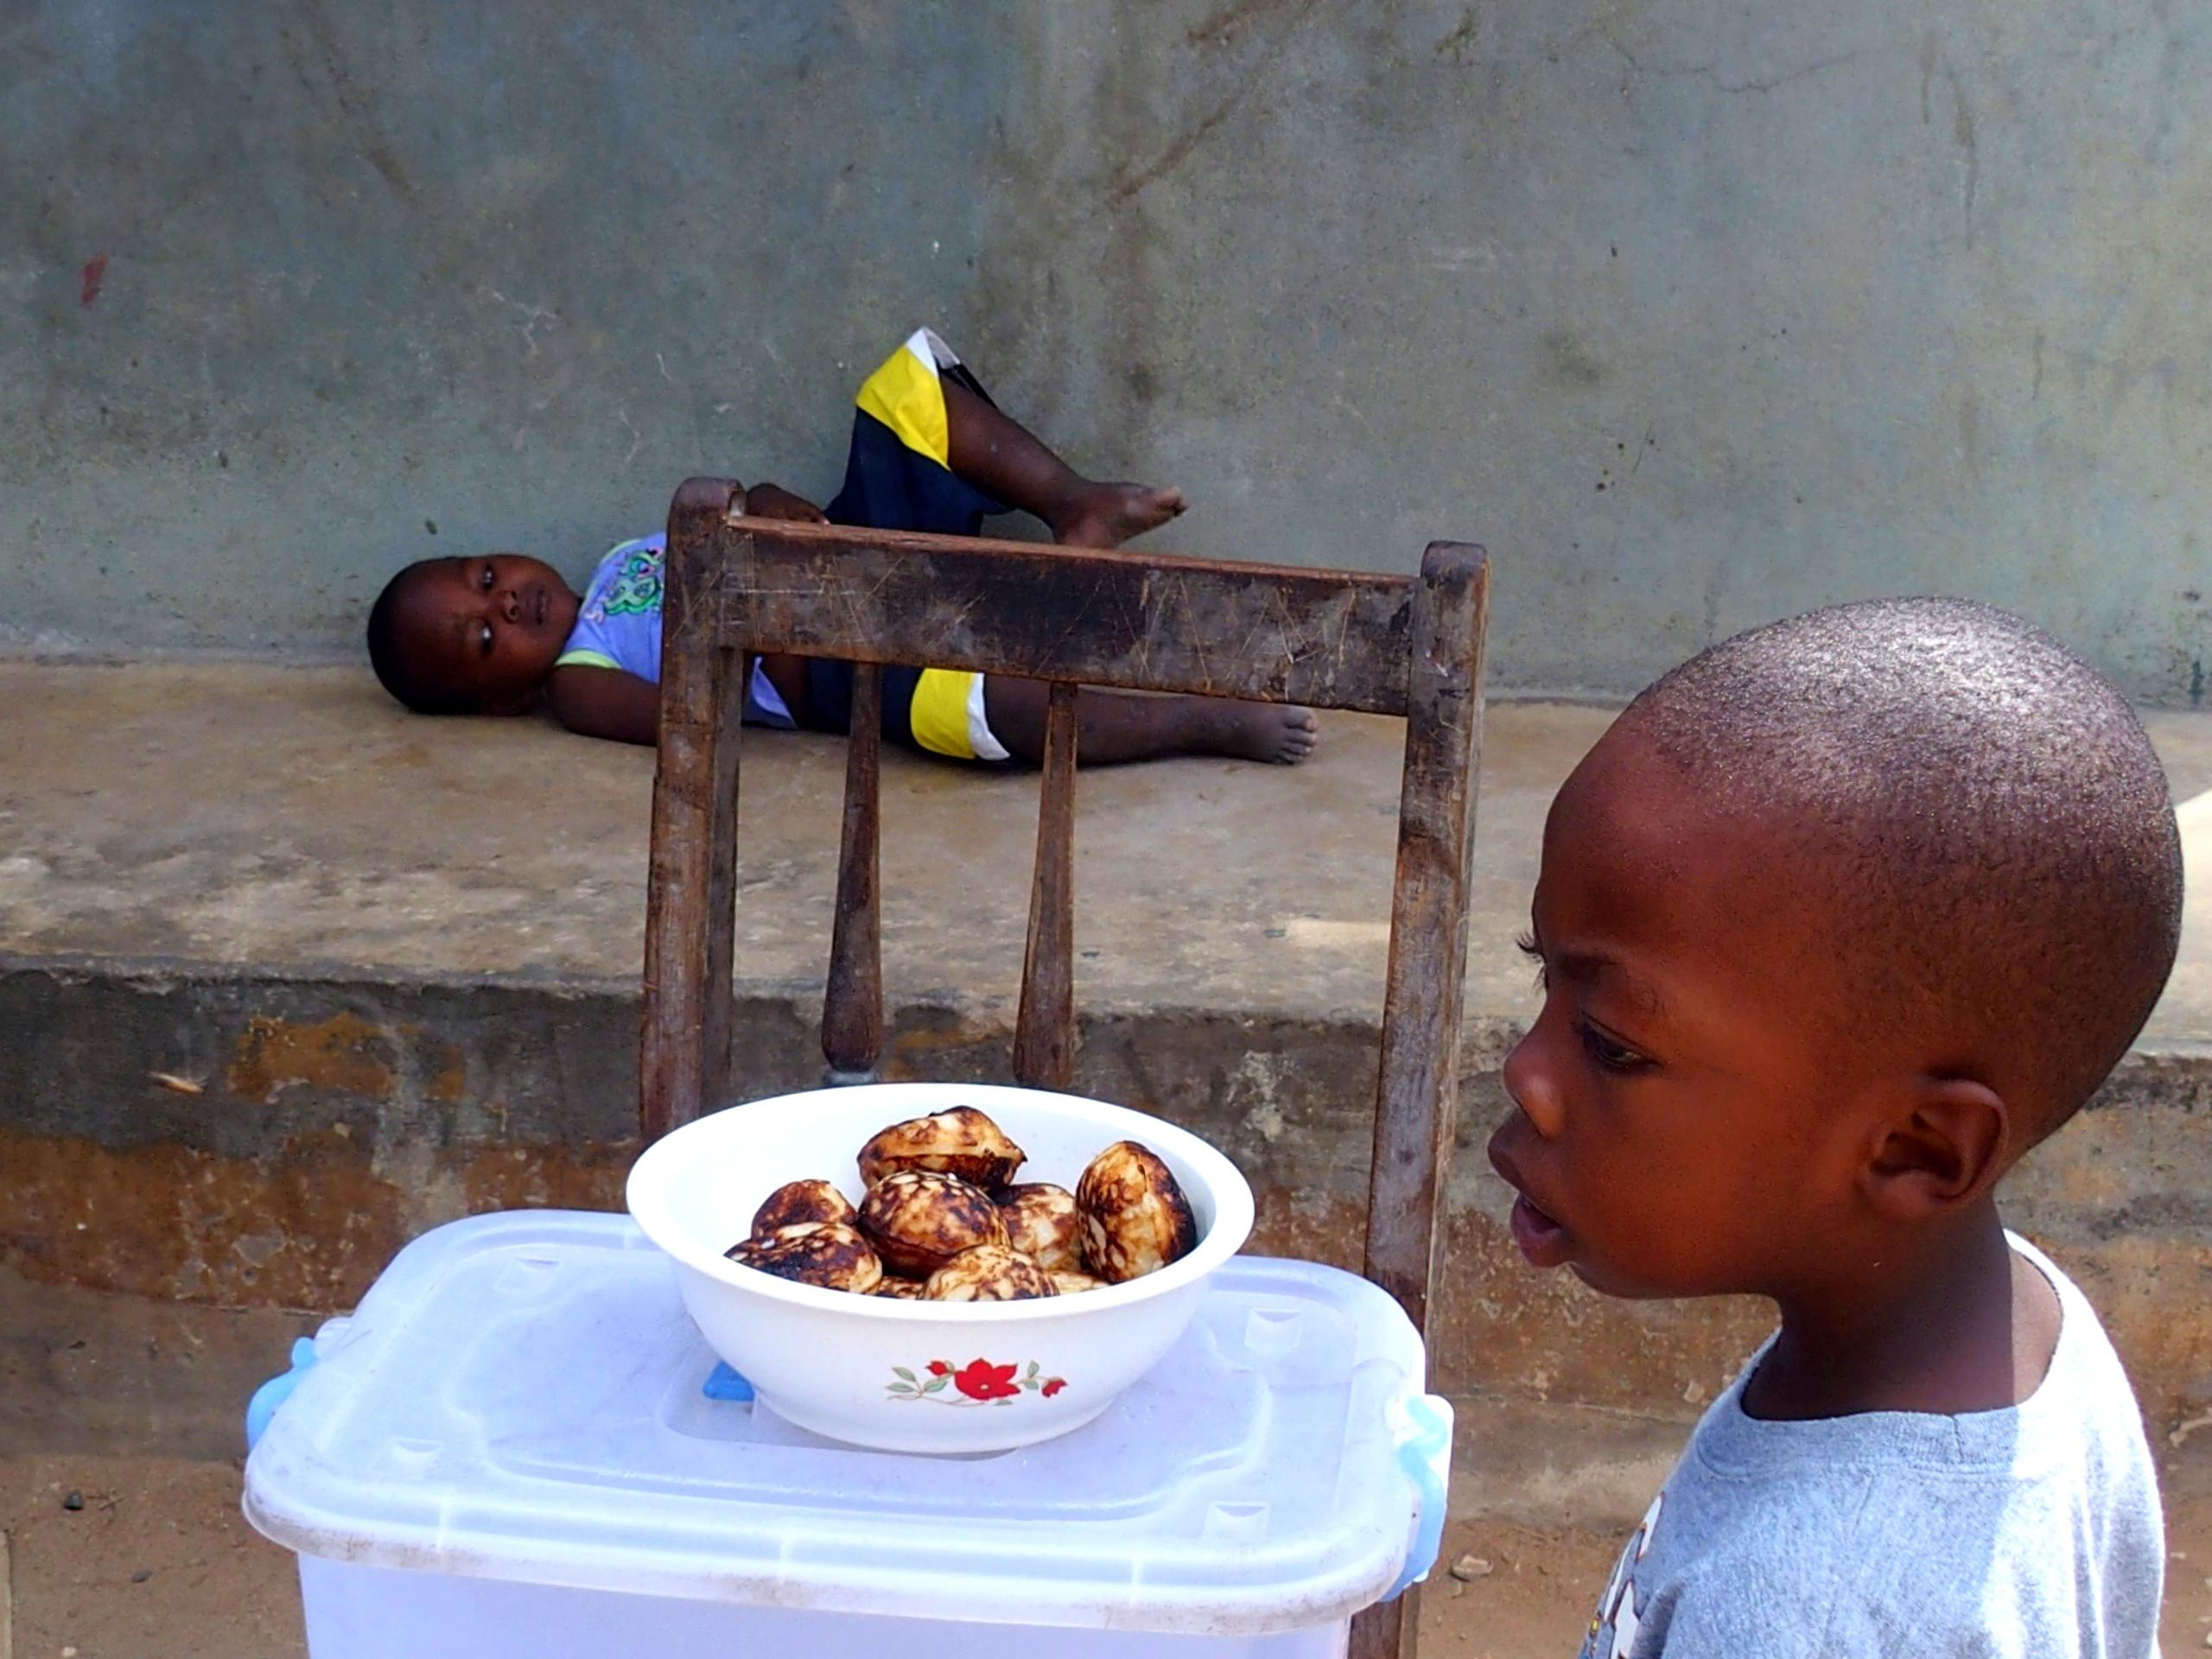 Enfants dans la rue Pemba Mozambique